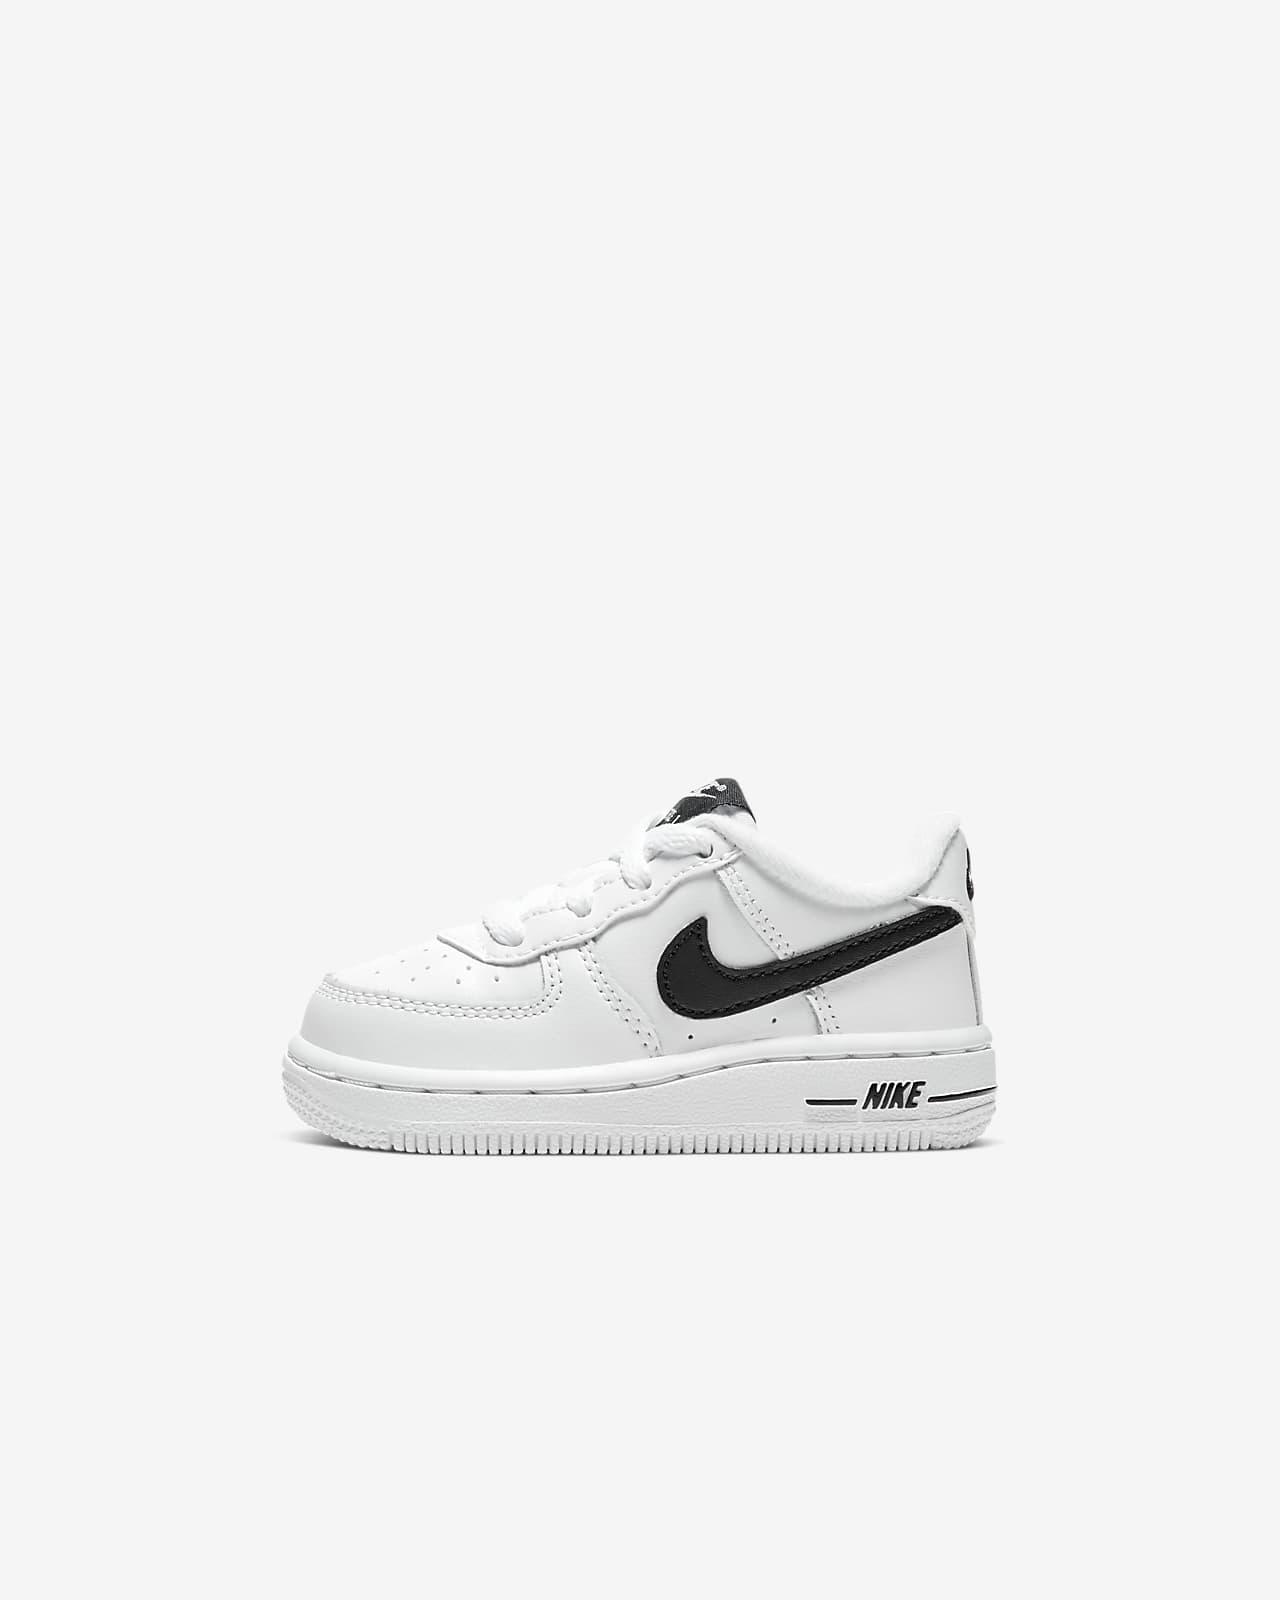 nike zapato infantil